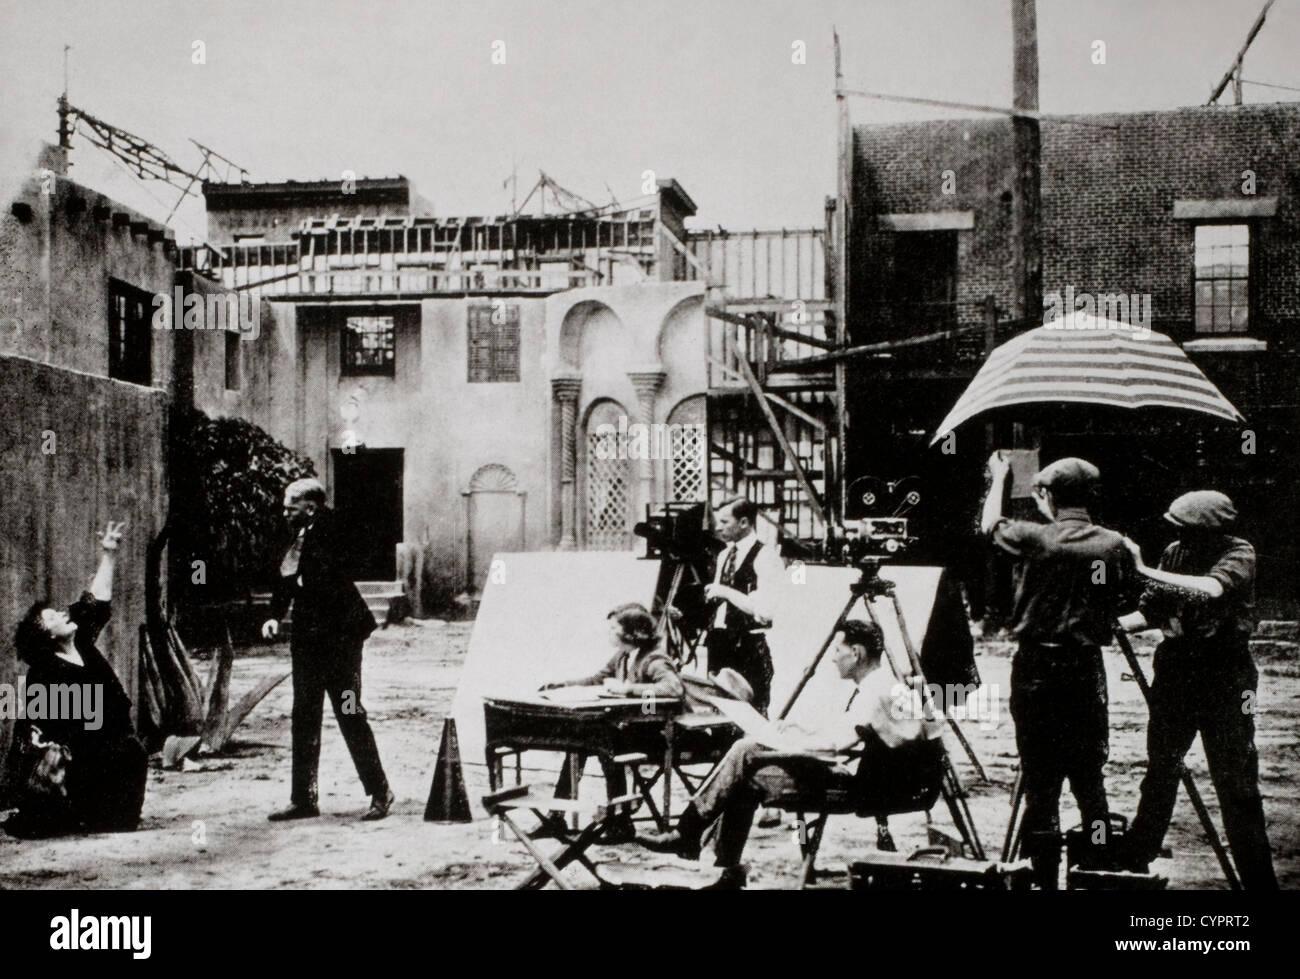 Conjunto de película, Hollywood, California, EE.UU., a comienzos de 1900. Imagen De Stock